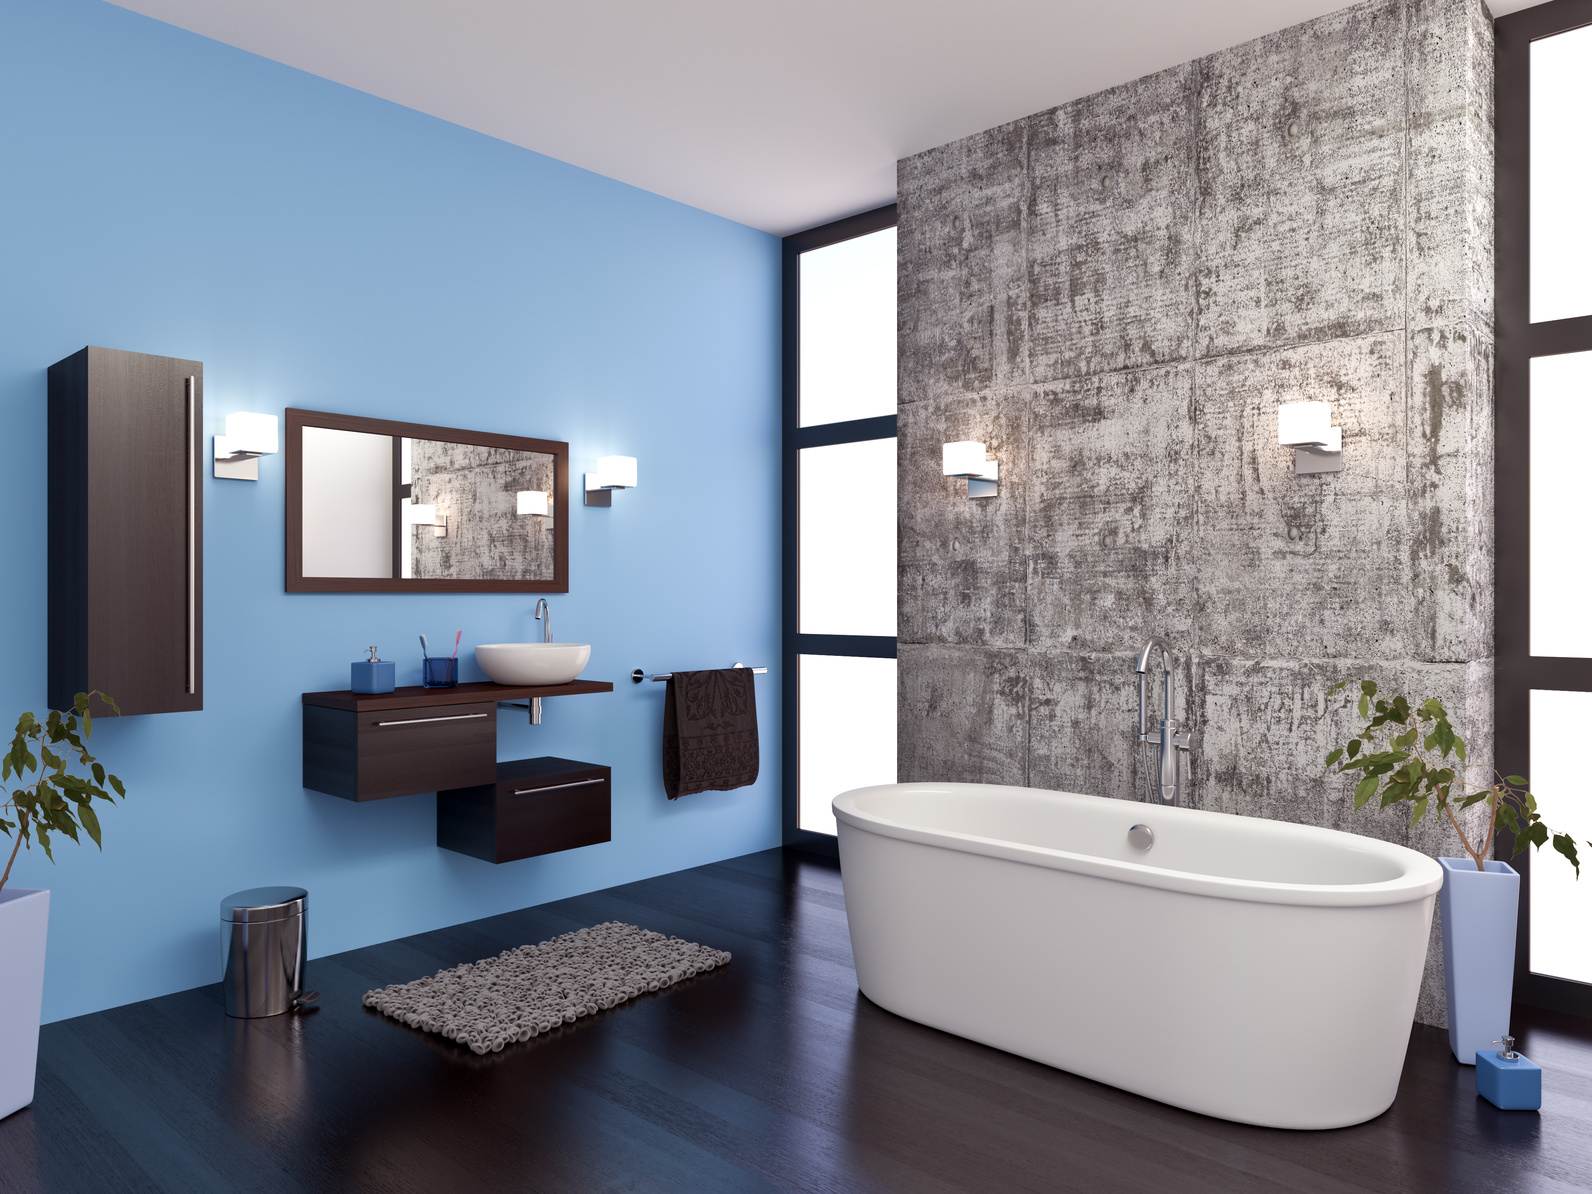 Peinture Salle De Bain Tous Les Conseils En Peinture Et Couleur - Couleur mur salle de bain